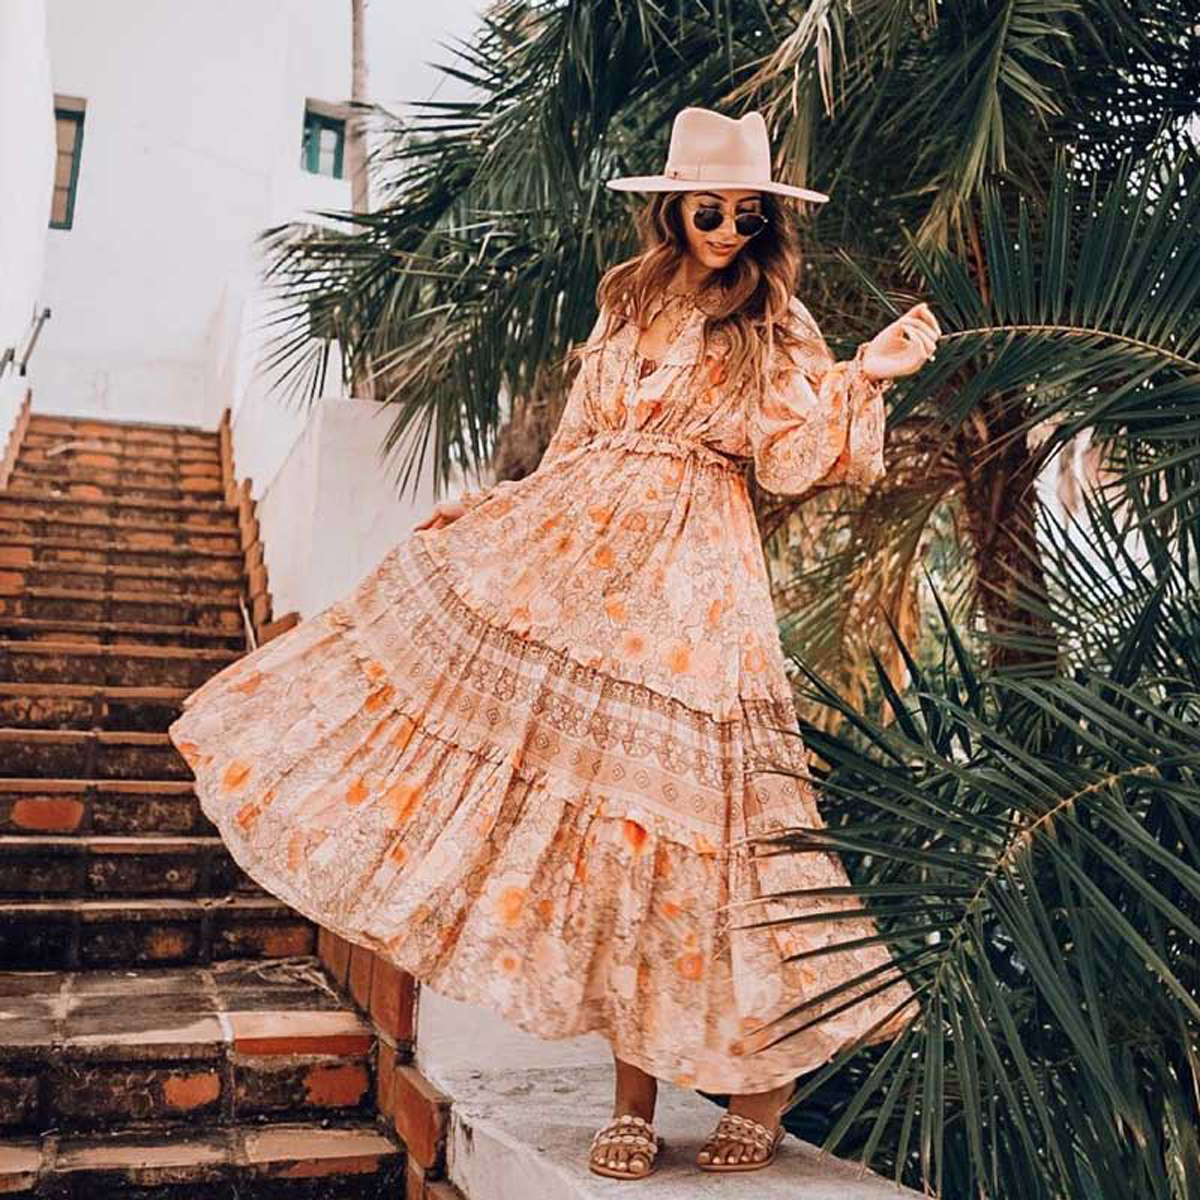 Jastie Boho Chic Frill manches longues femmes robe col en v Floral imprimé robes gitane 2019 printemps été robe décontracté robes de plage